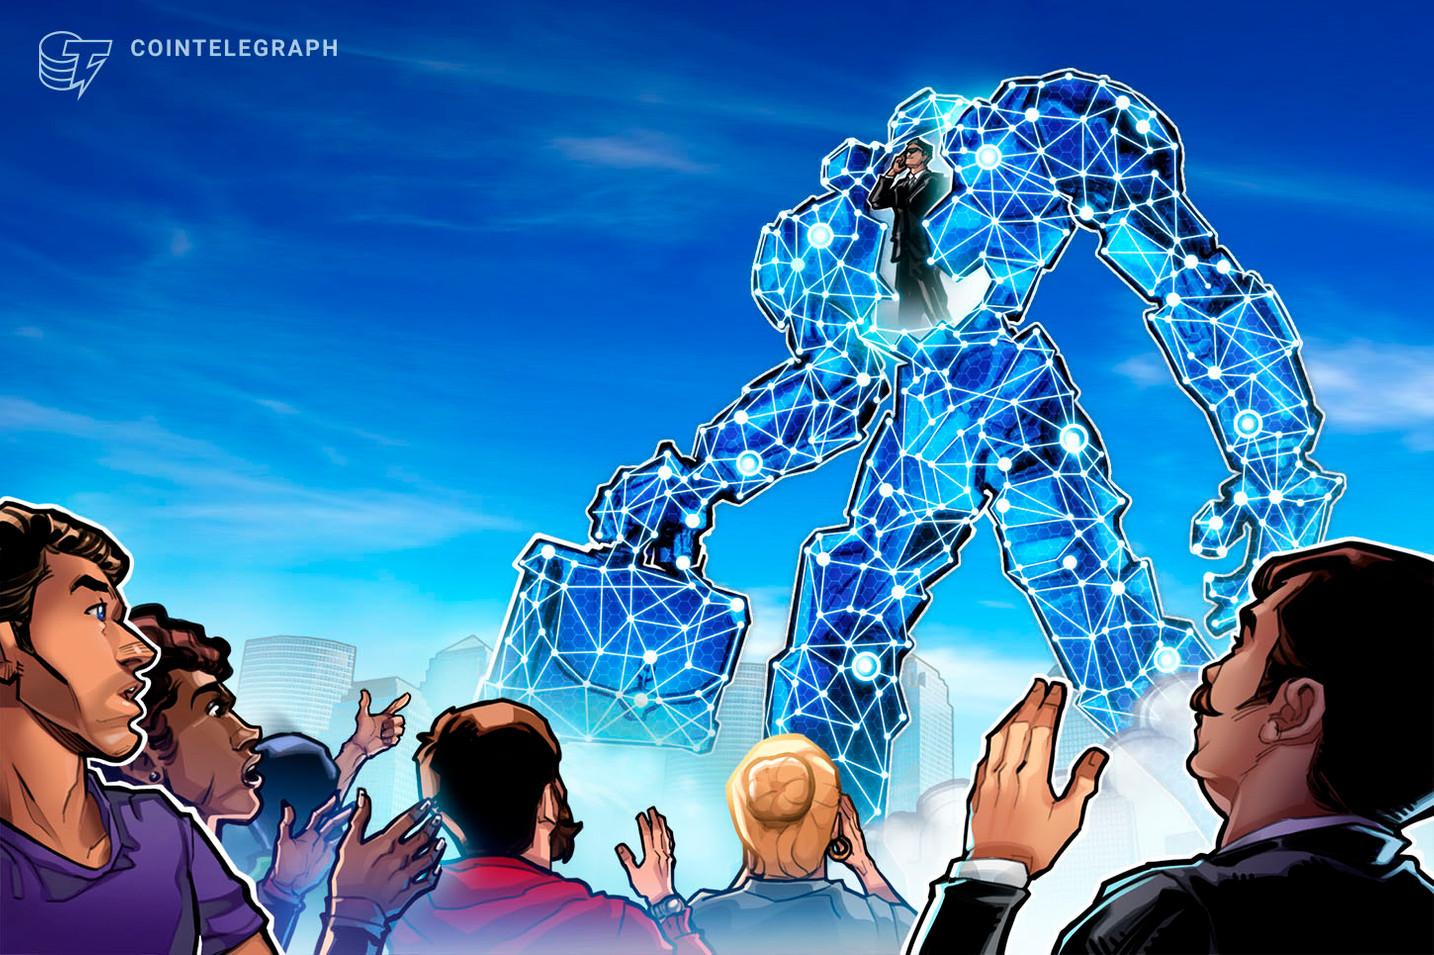 'Irracional, mesmo para padrões cripto': KSM sobe 600% enquanto Kusama quer levar blockchain para Marte